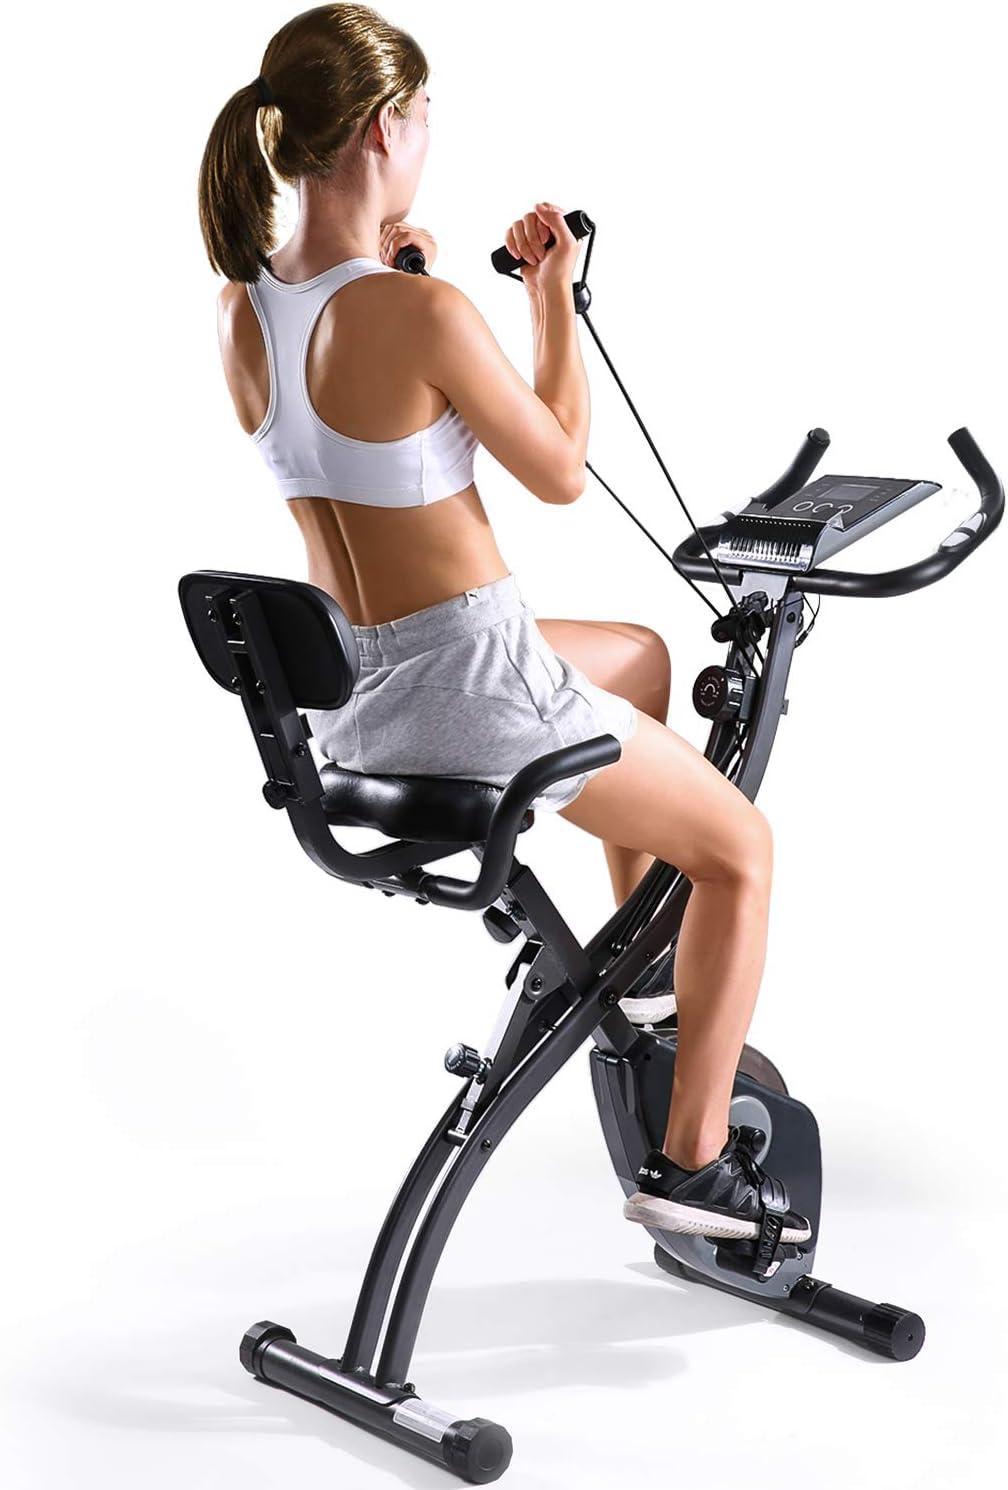 MAXKARE FOLDING EXERCISE BIKE